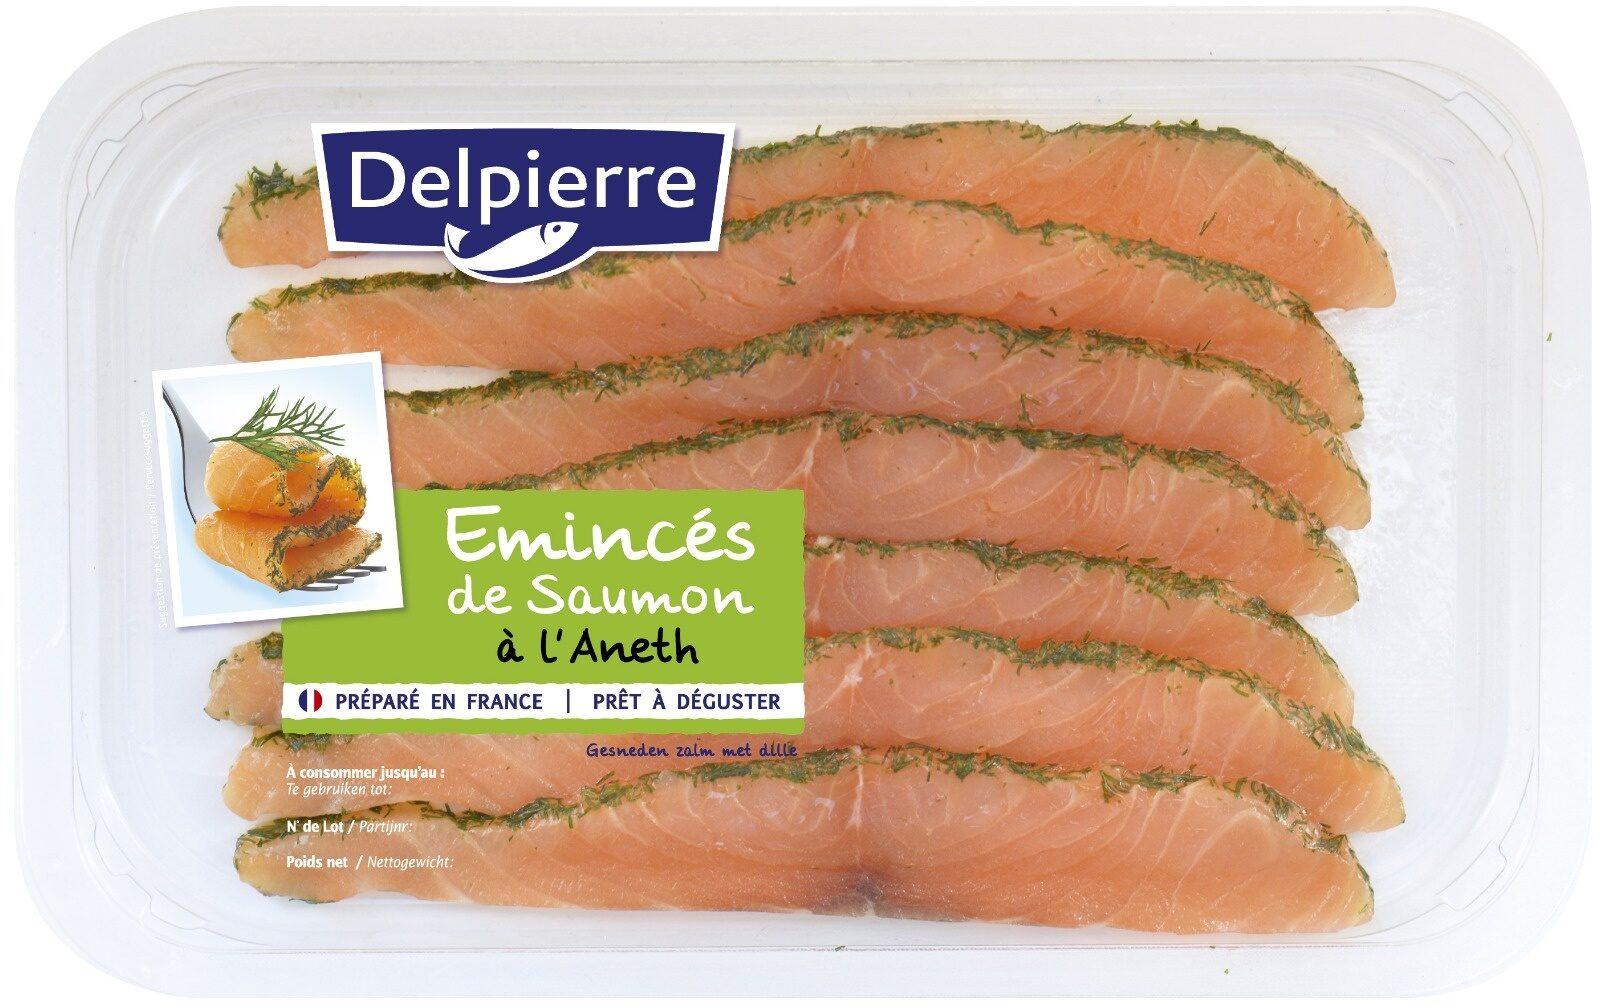 Emincés de Saumon à l'aneth - Product